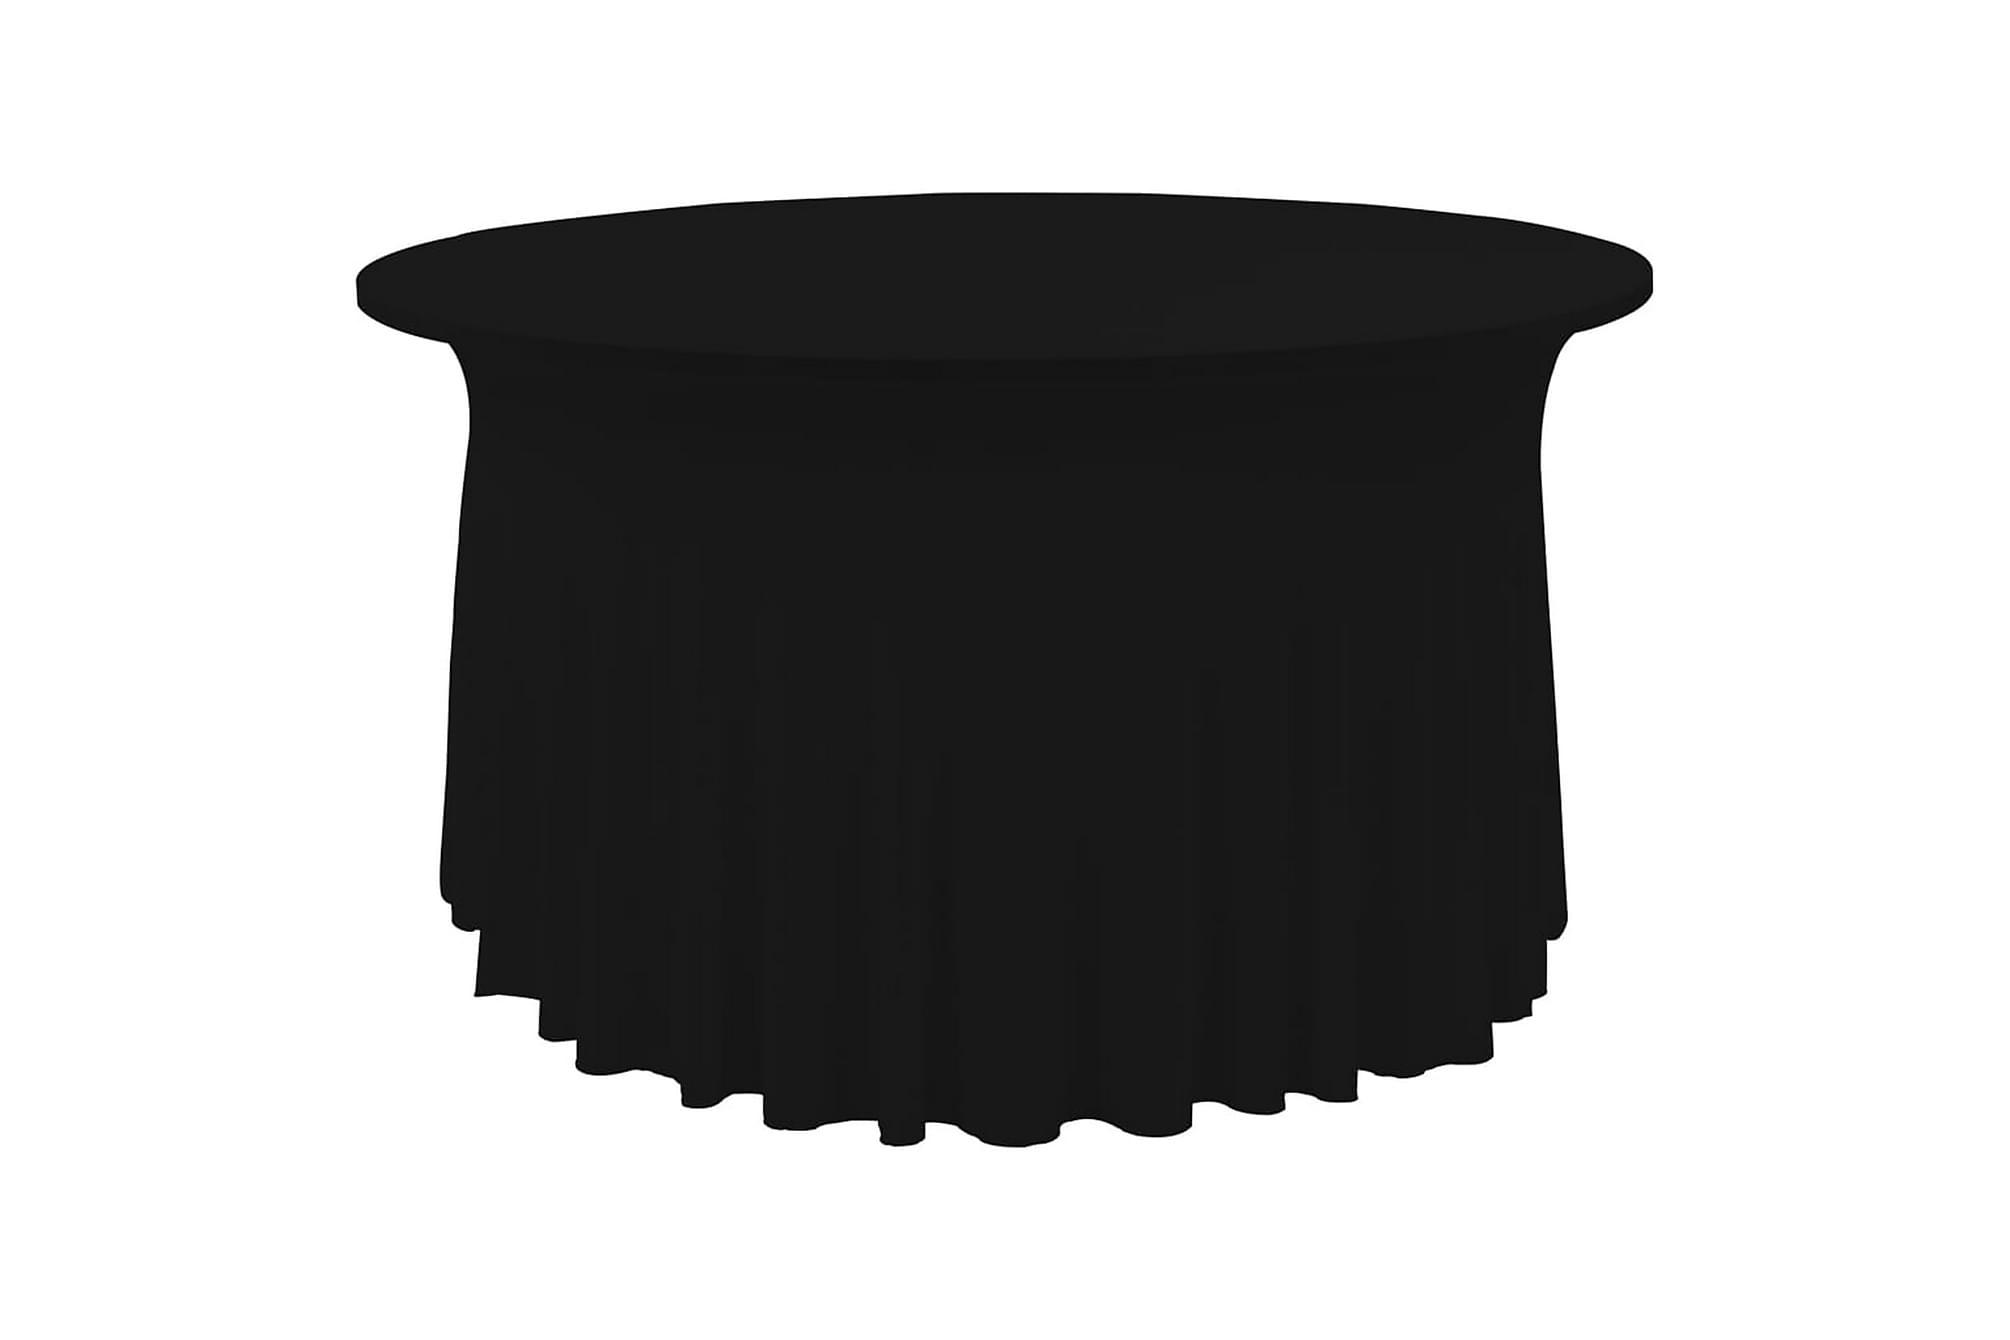 Bordsöverdrag 2 st stretch golvlångt svart 180x74 cm, Möbelöverdrag